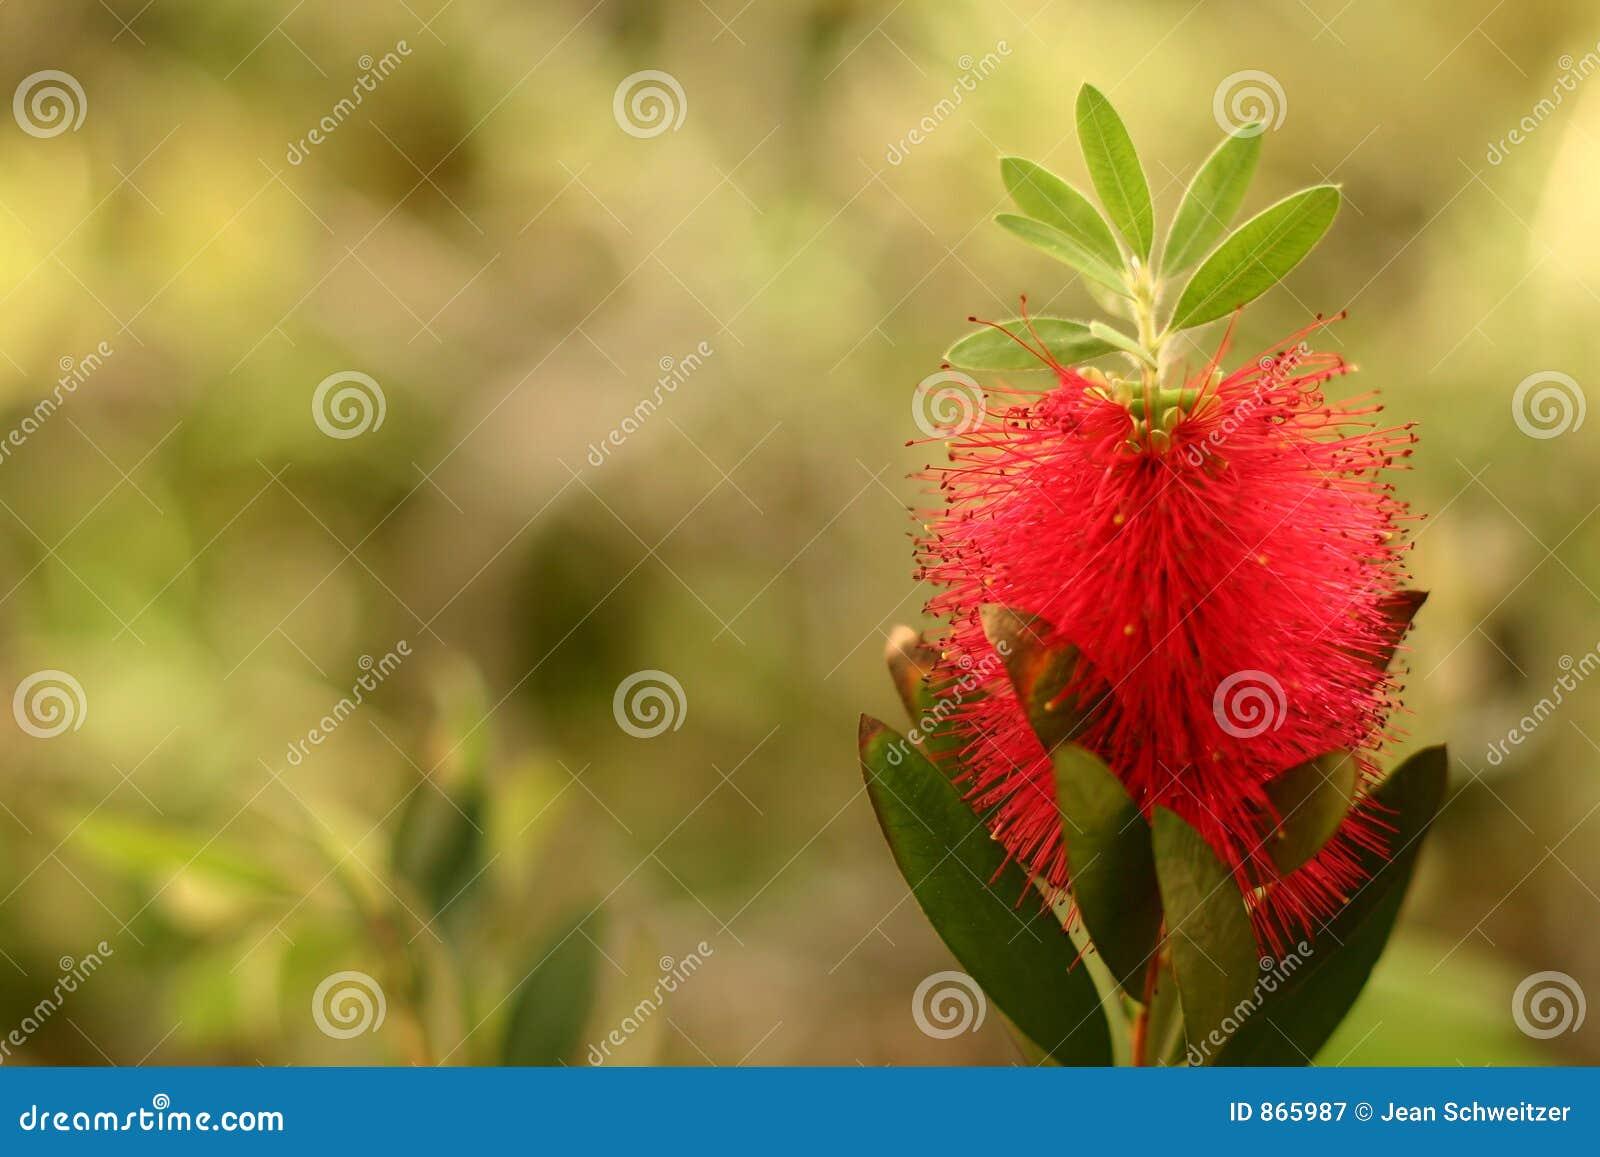 Korsische Blumennahaufnahme